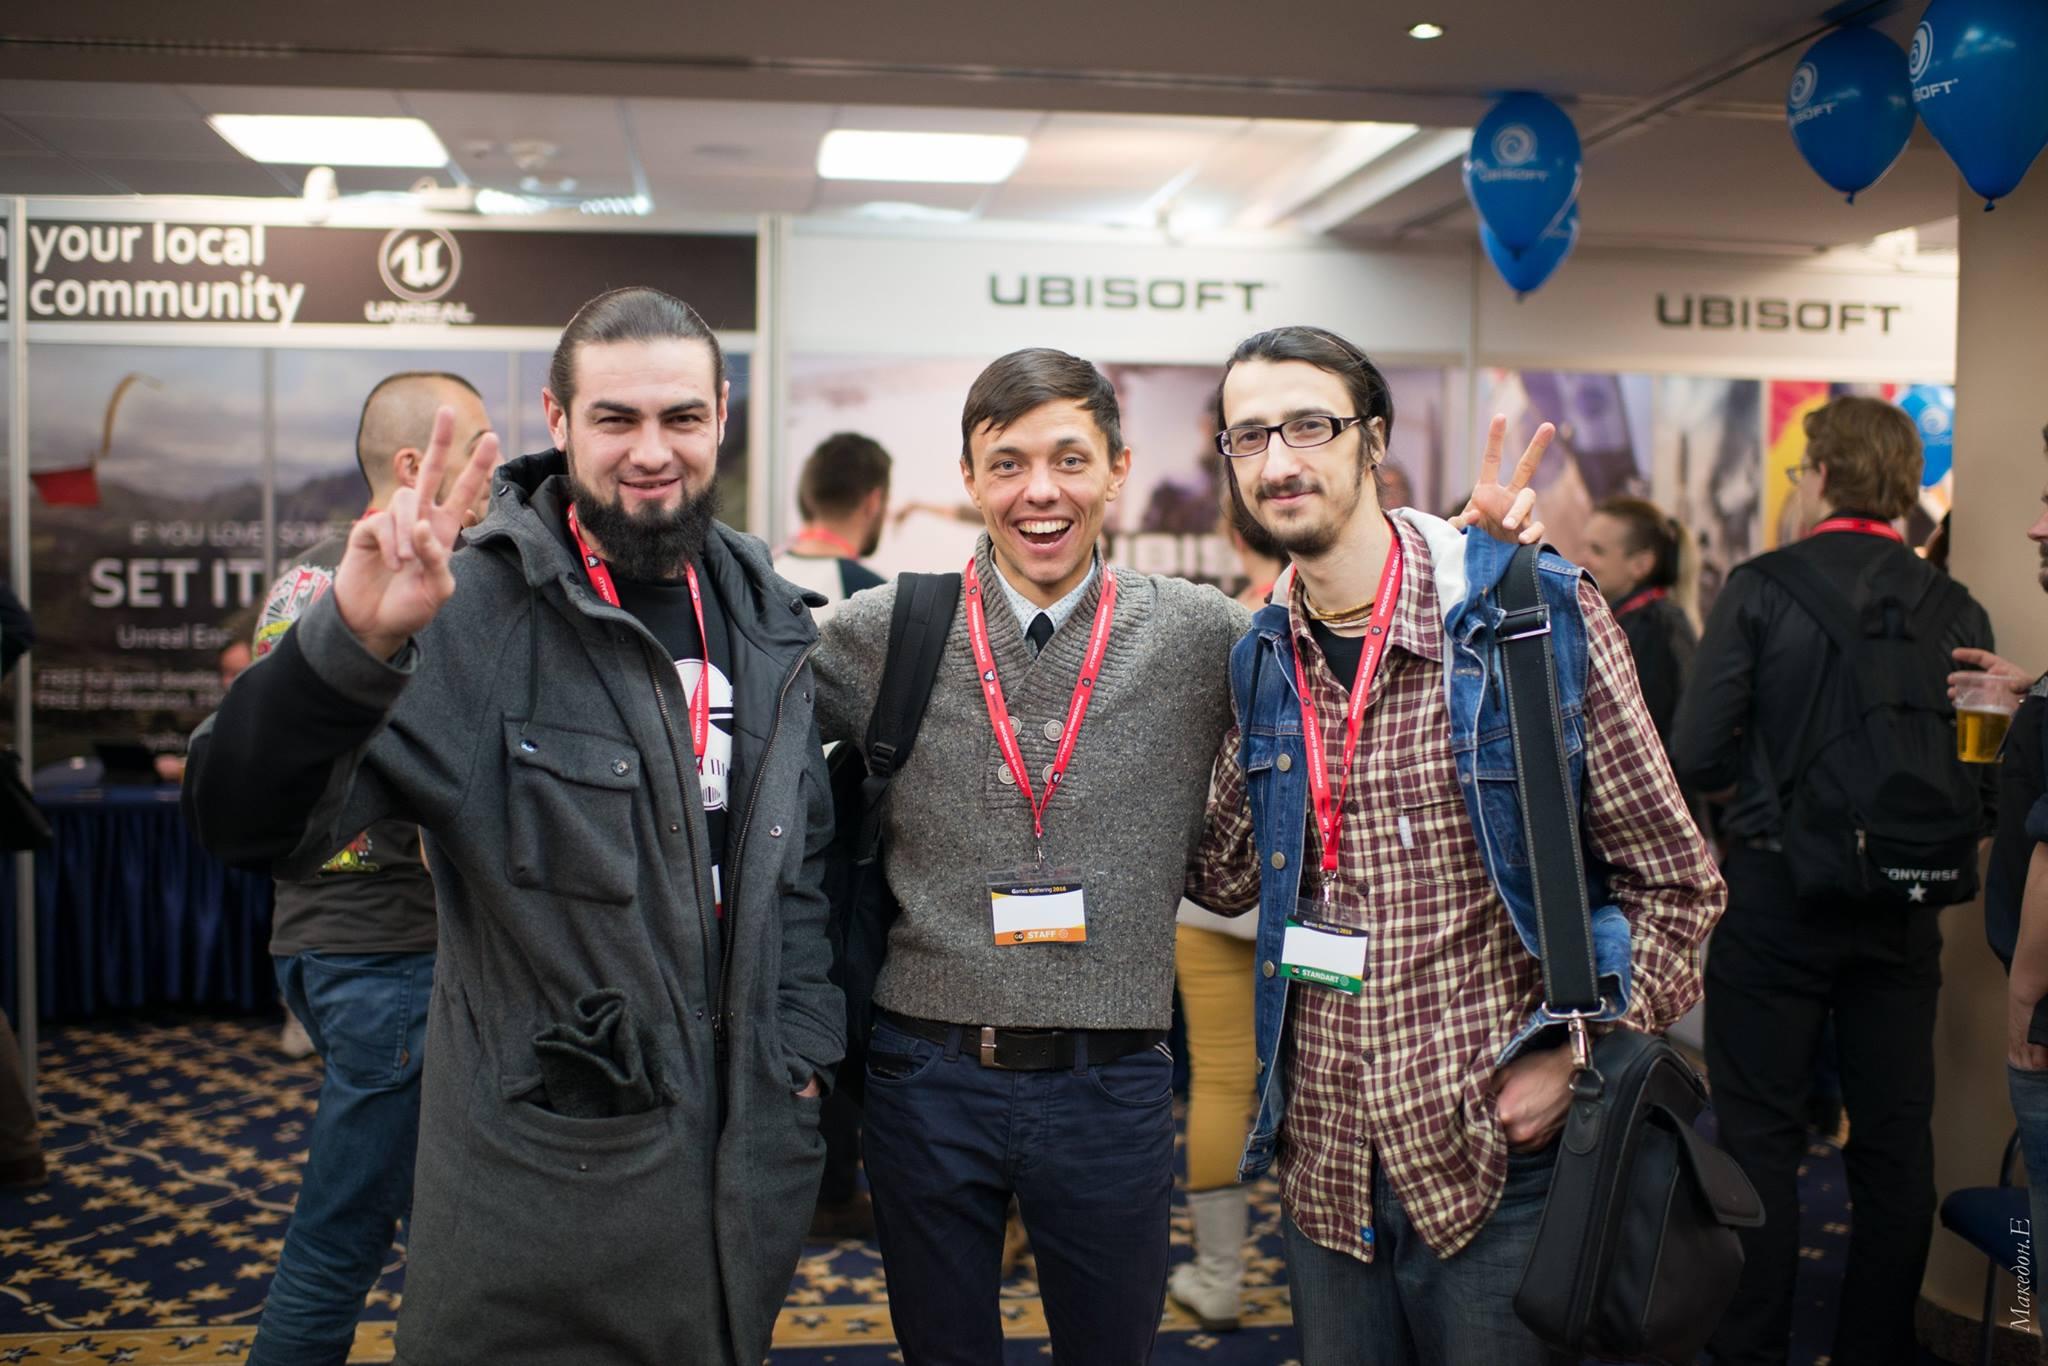 В Україні відбулася конференція розробників ігор Games Gathering 2016